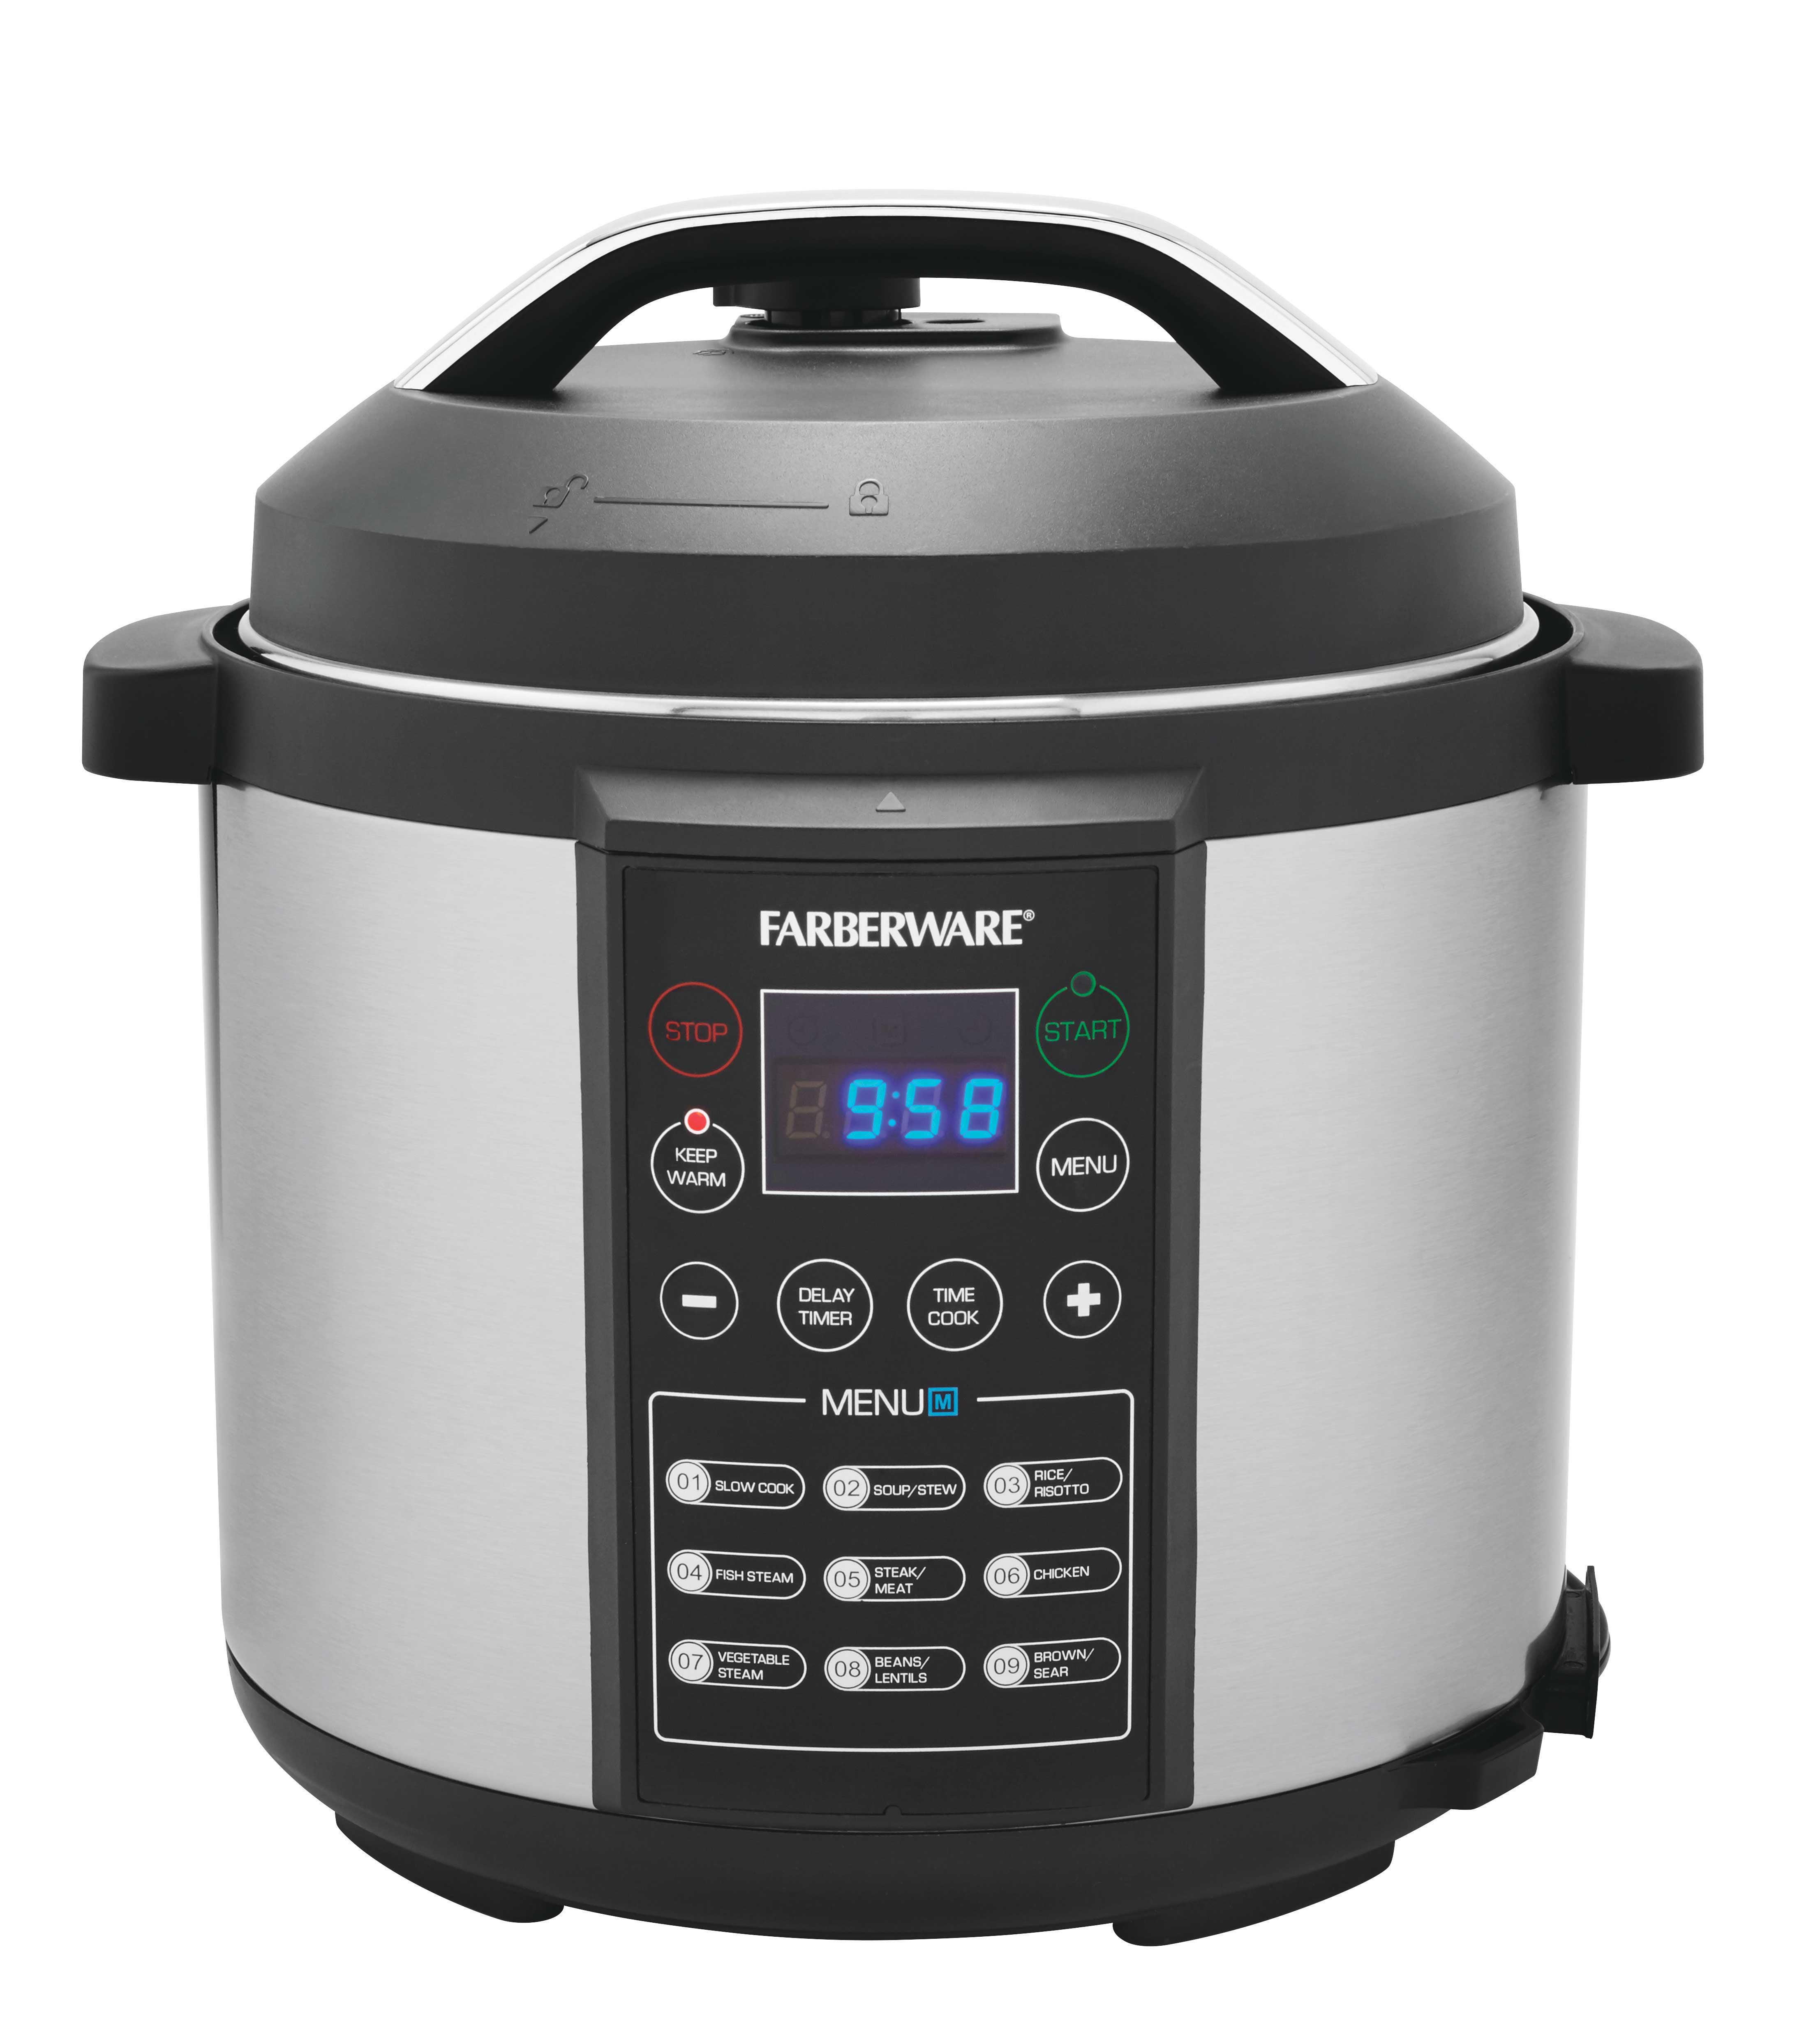 Farberware Digital Pressure Cooker, 6 Quart